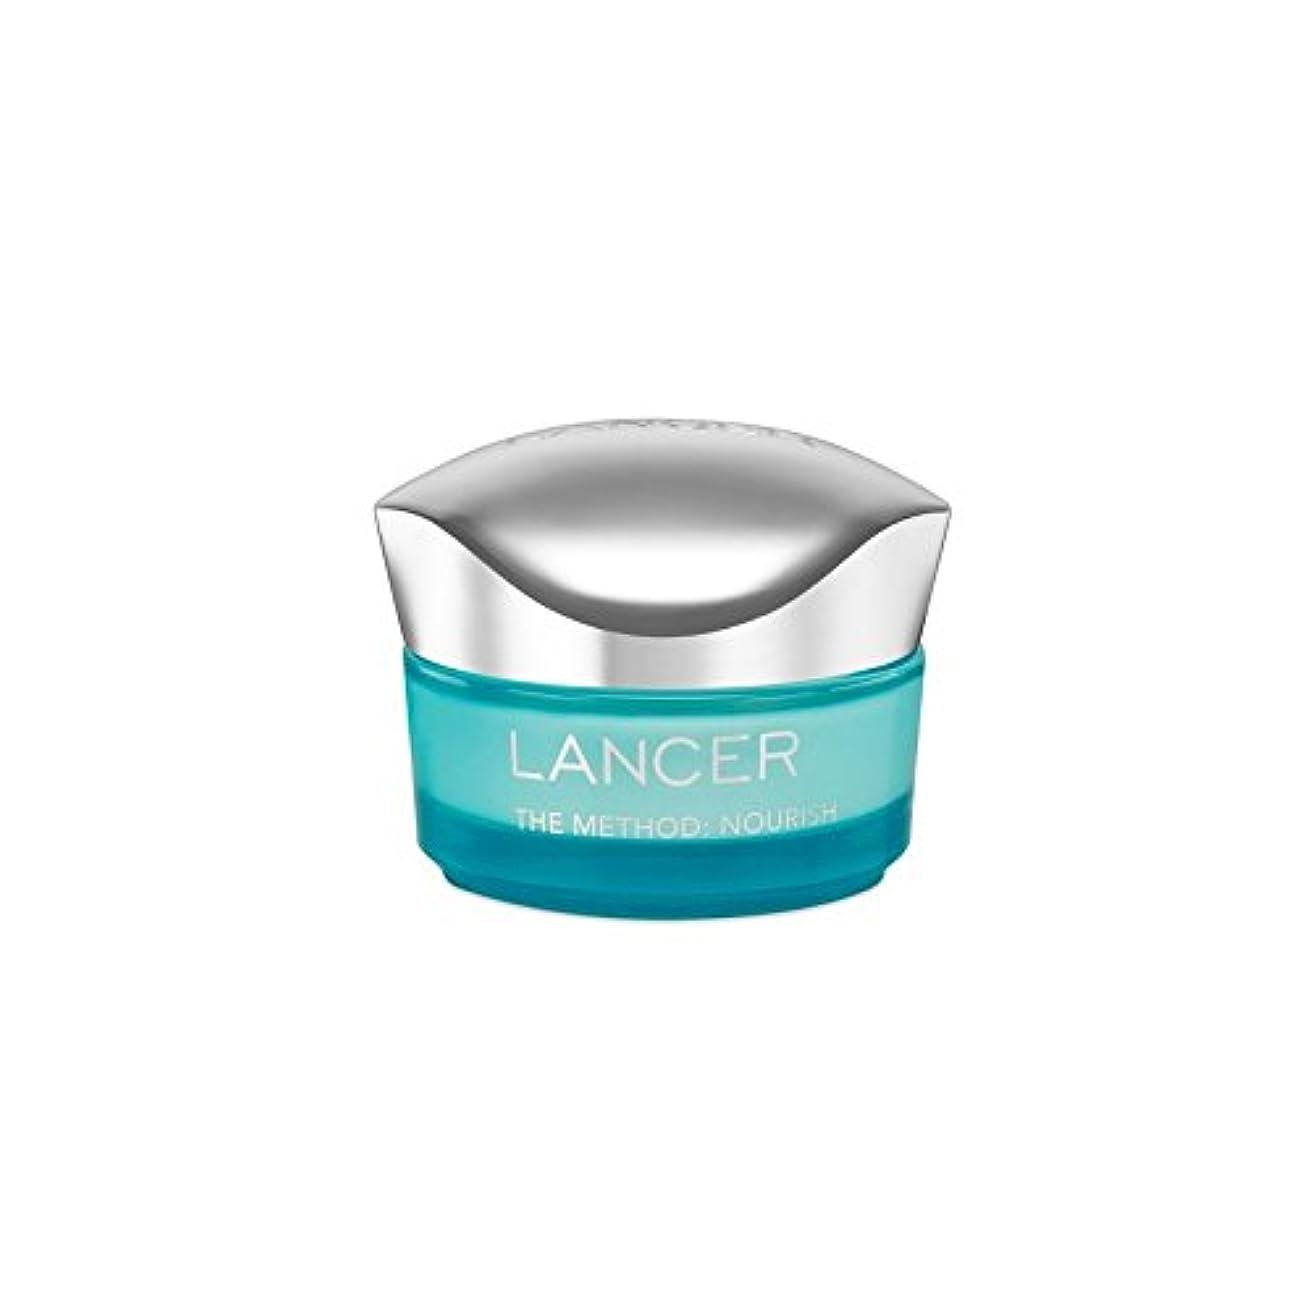 アリーナ講師ヘクタールLancer Skincare The Method: Nourish Moisturiser (50ml) (Pack of 6) - ランサーは、この方法をスキンケア:モイスチャライザー(50)に栄養を与えます x6...